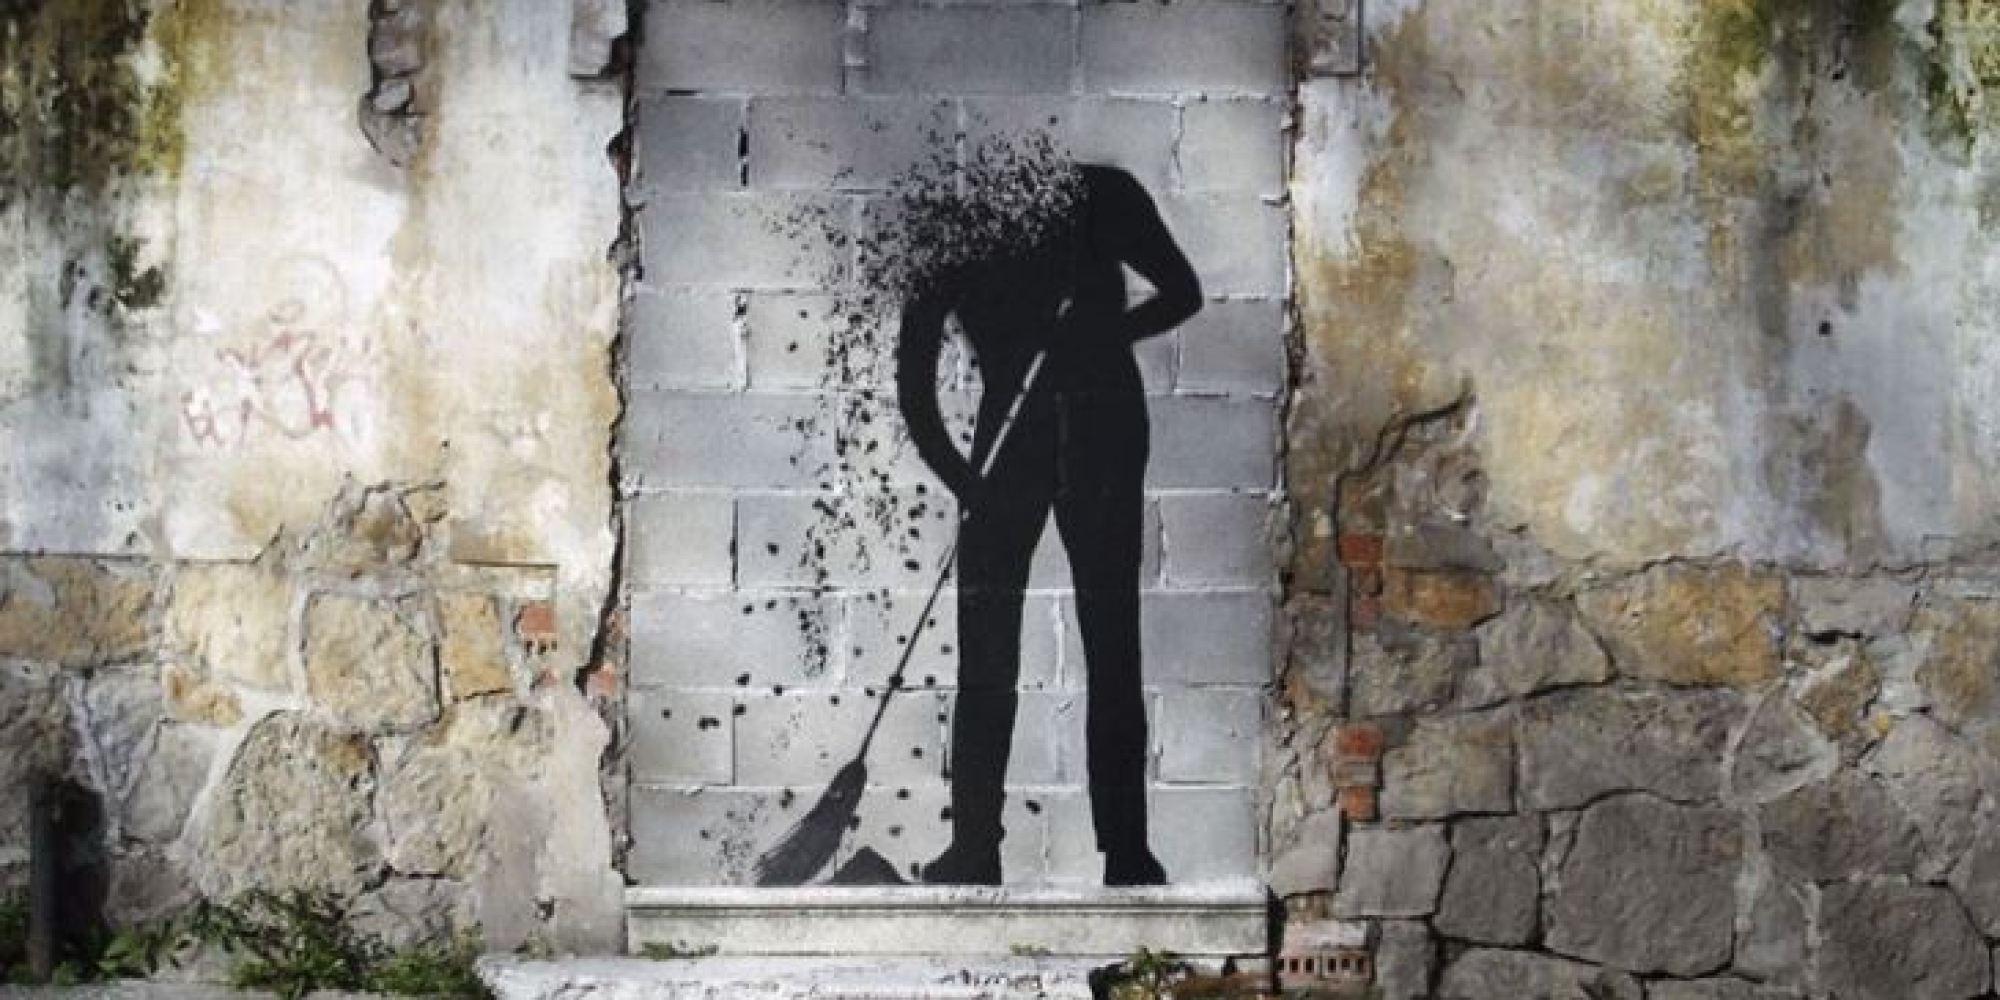 Les gifs de street art de lEspagnol AL Crego donnent vie aux oeuvres